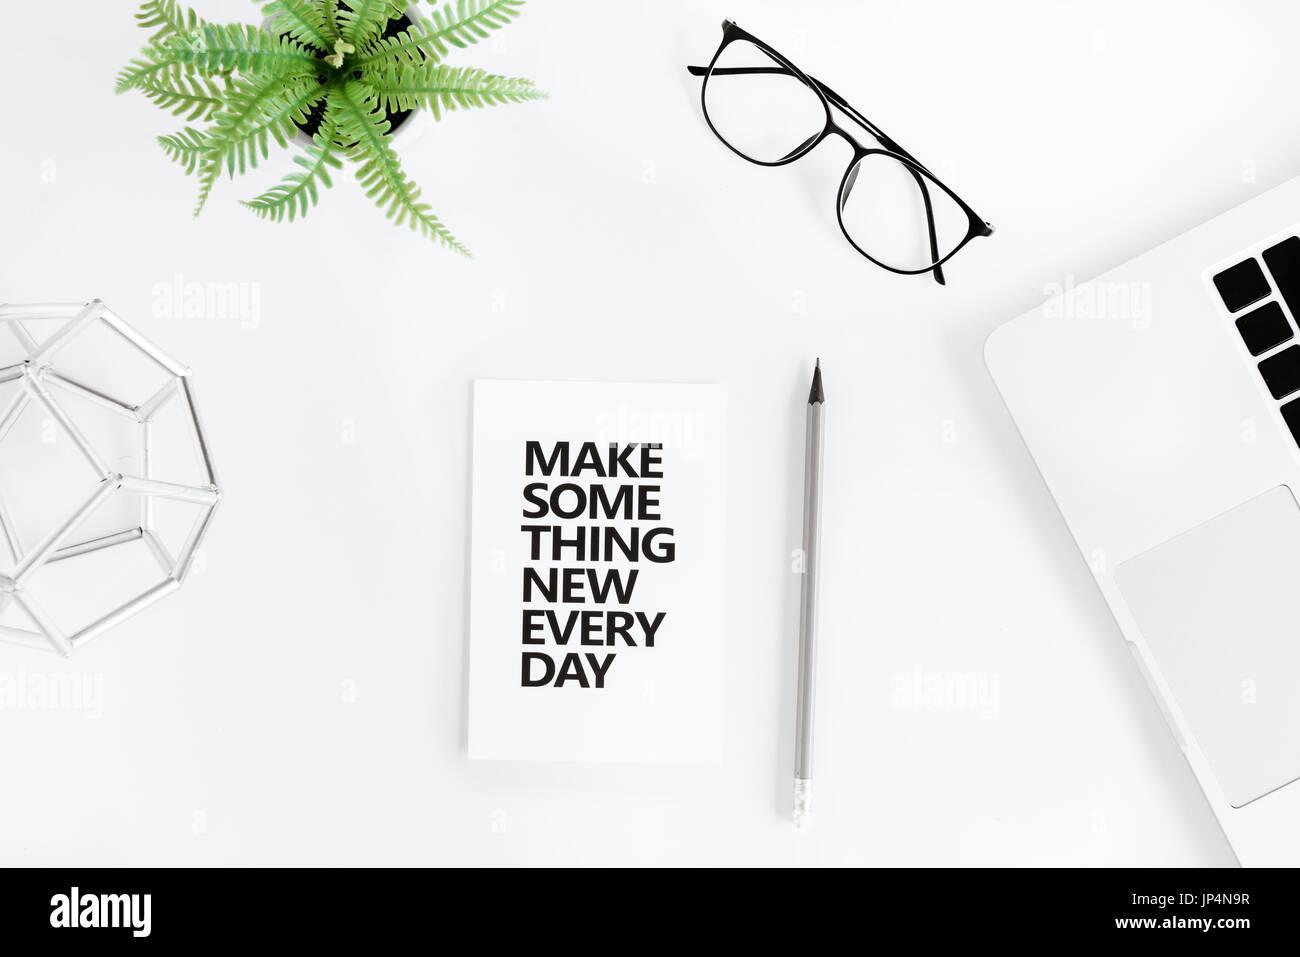 Vista superior de hacer algo nuevo cada día citas atractivas y portátil en el lugar de trabajo Imagen De Stock